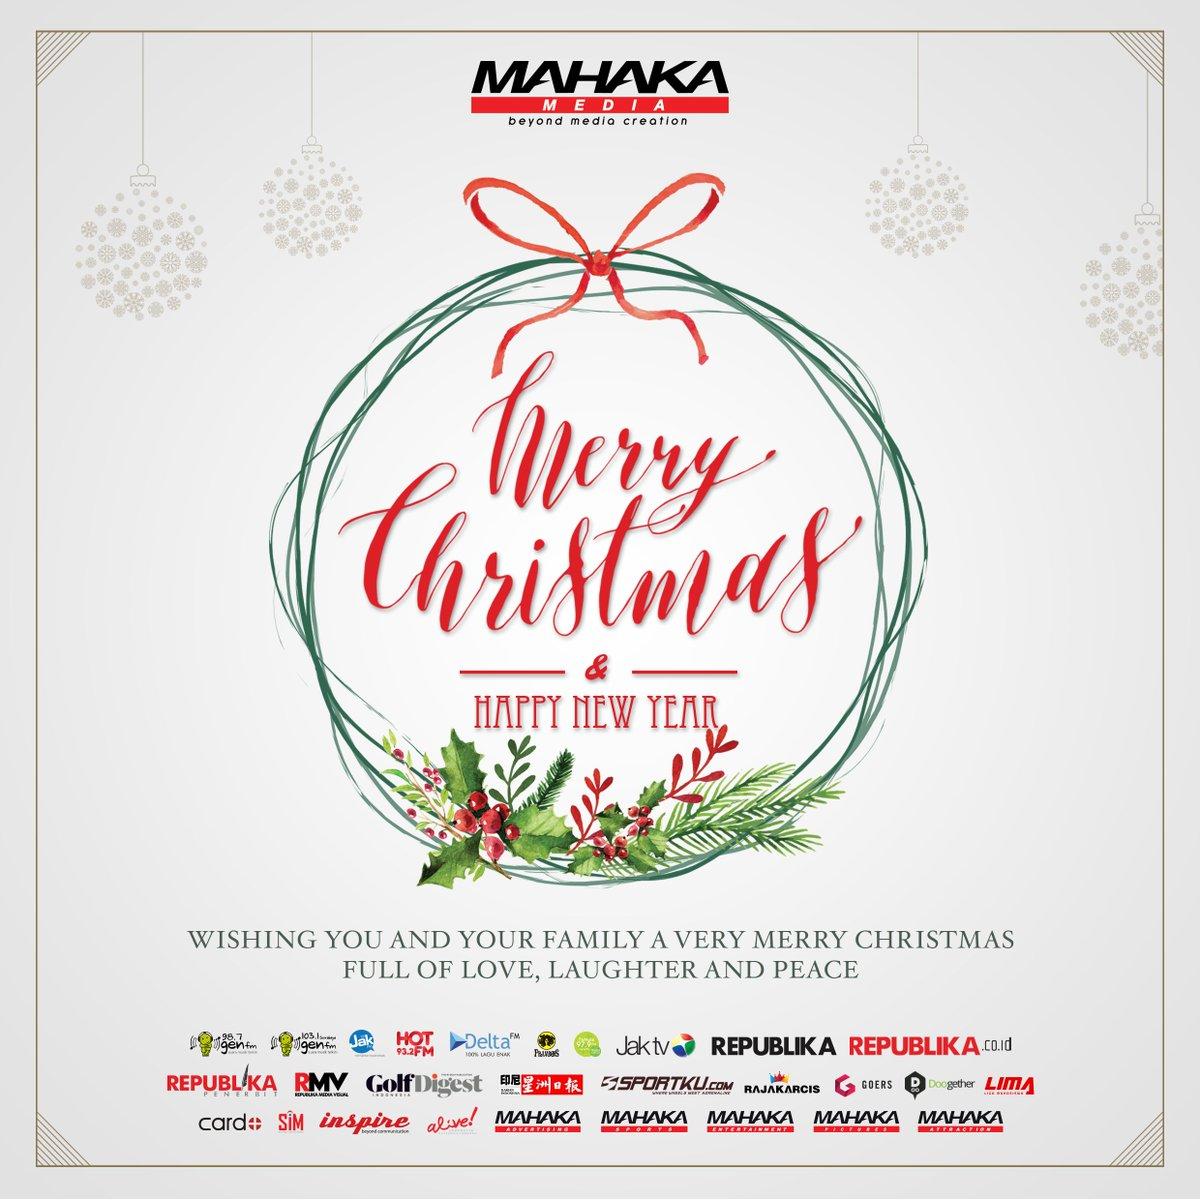 Semoga damai dan kebahagian Natal selalu bersama kita. Selamat Natal bagi Anda yang merayakan. 😇 https://t.co/CdsR7i7sP8